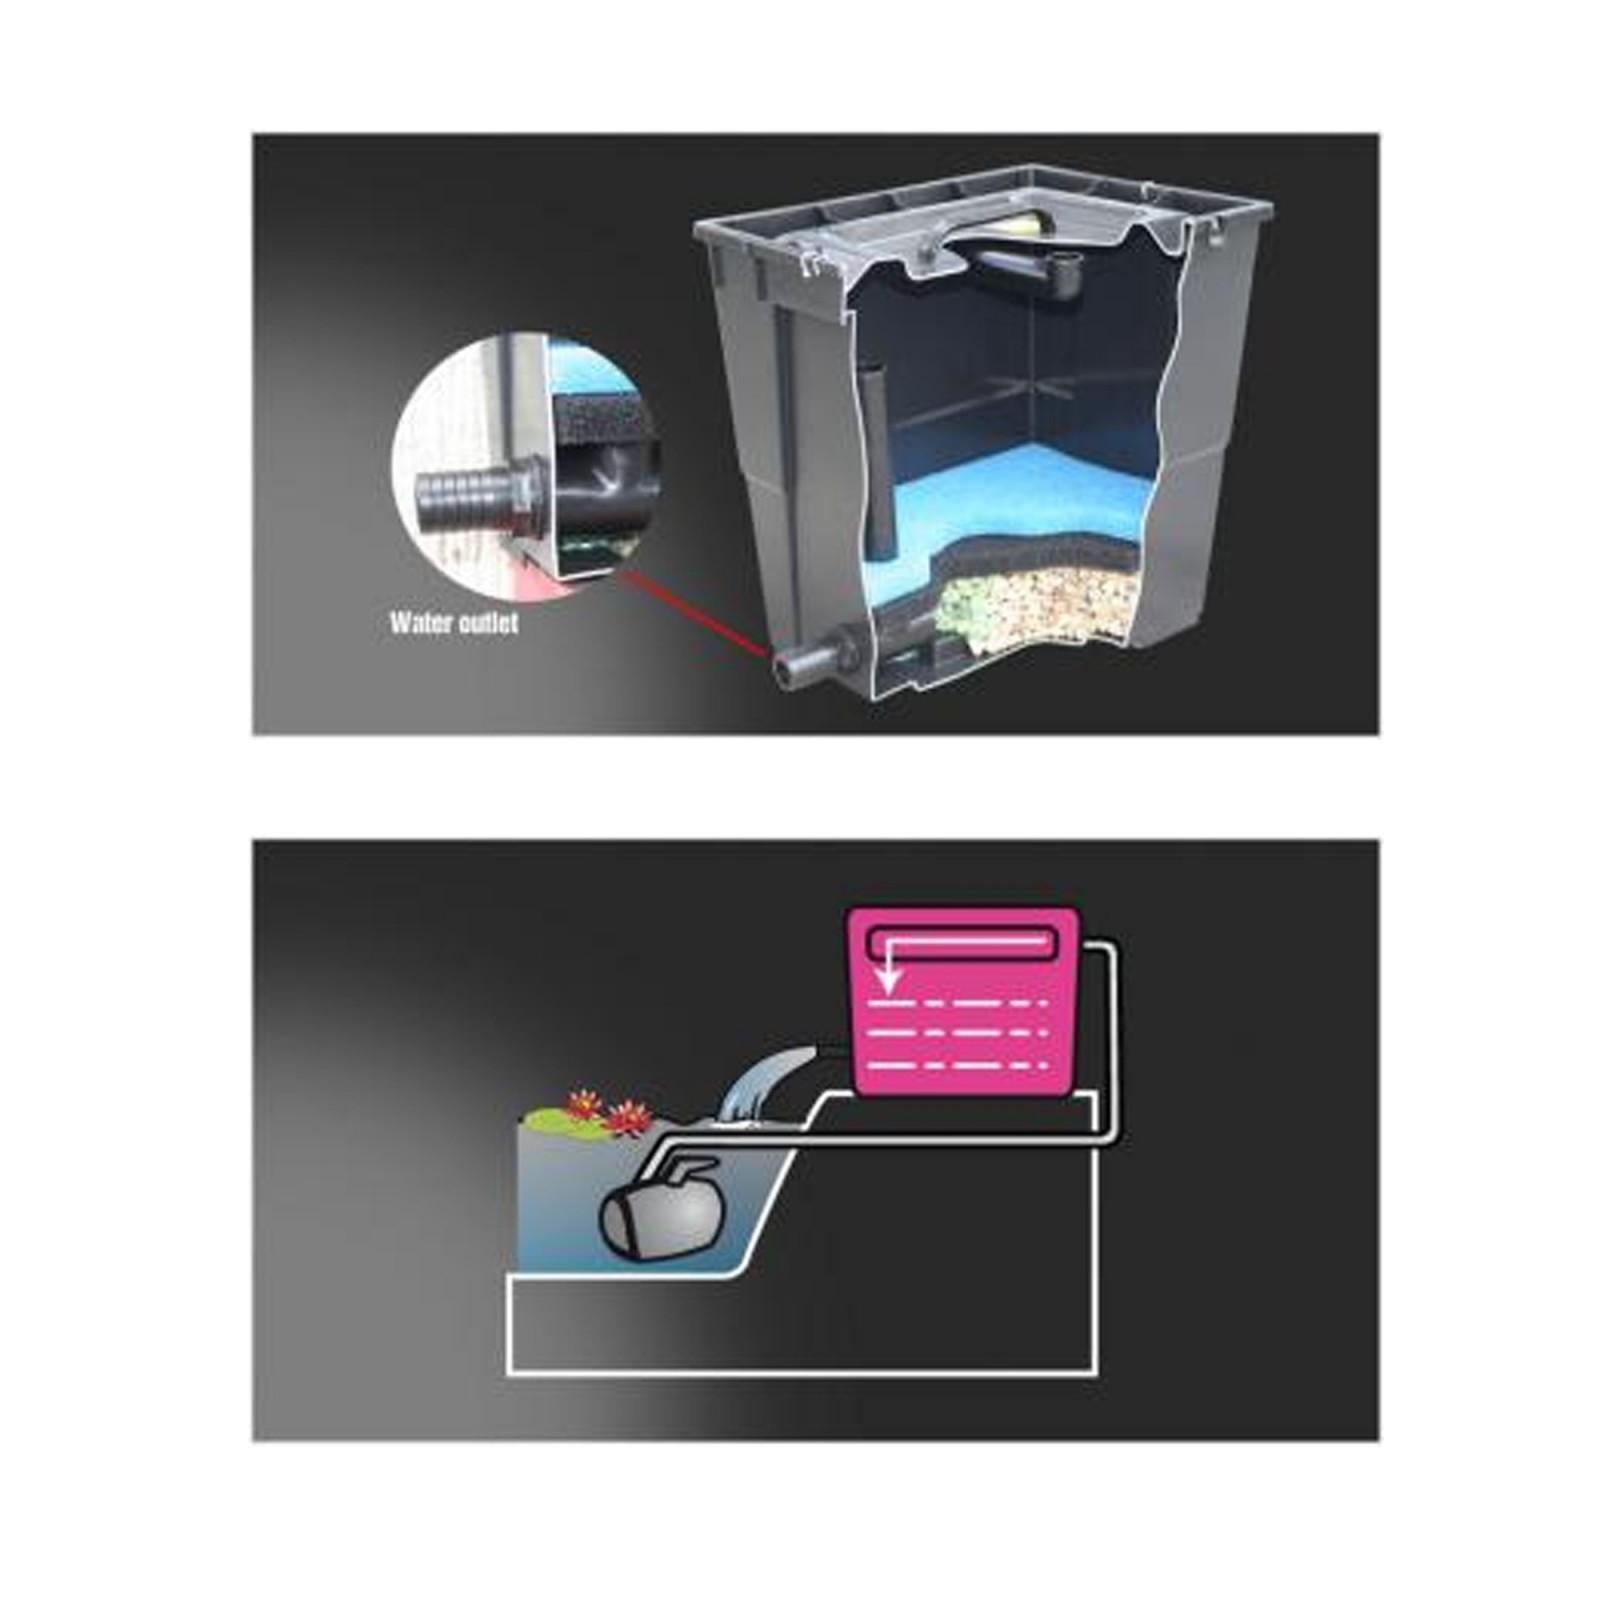 Filtro esterno per laghetto newa pratico 7000 litri for Pompa filtro laghetto